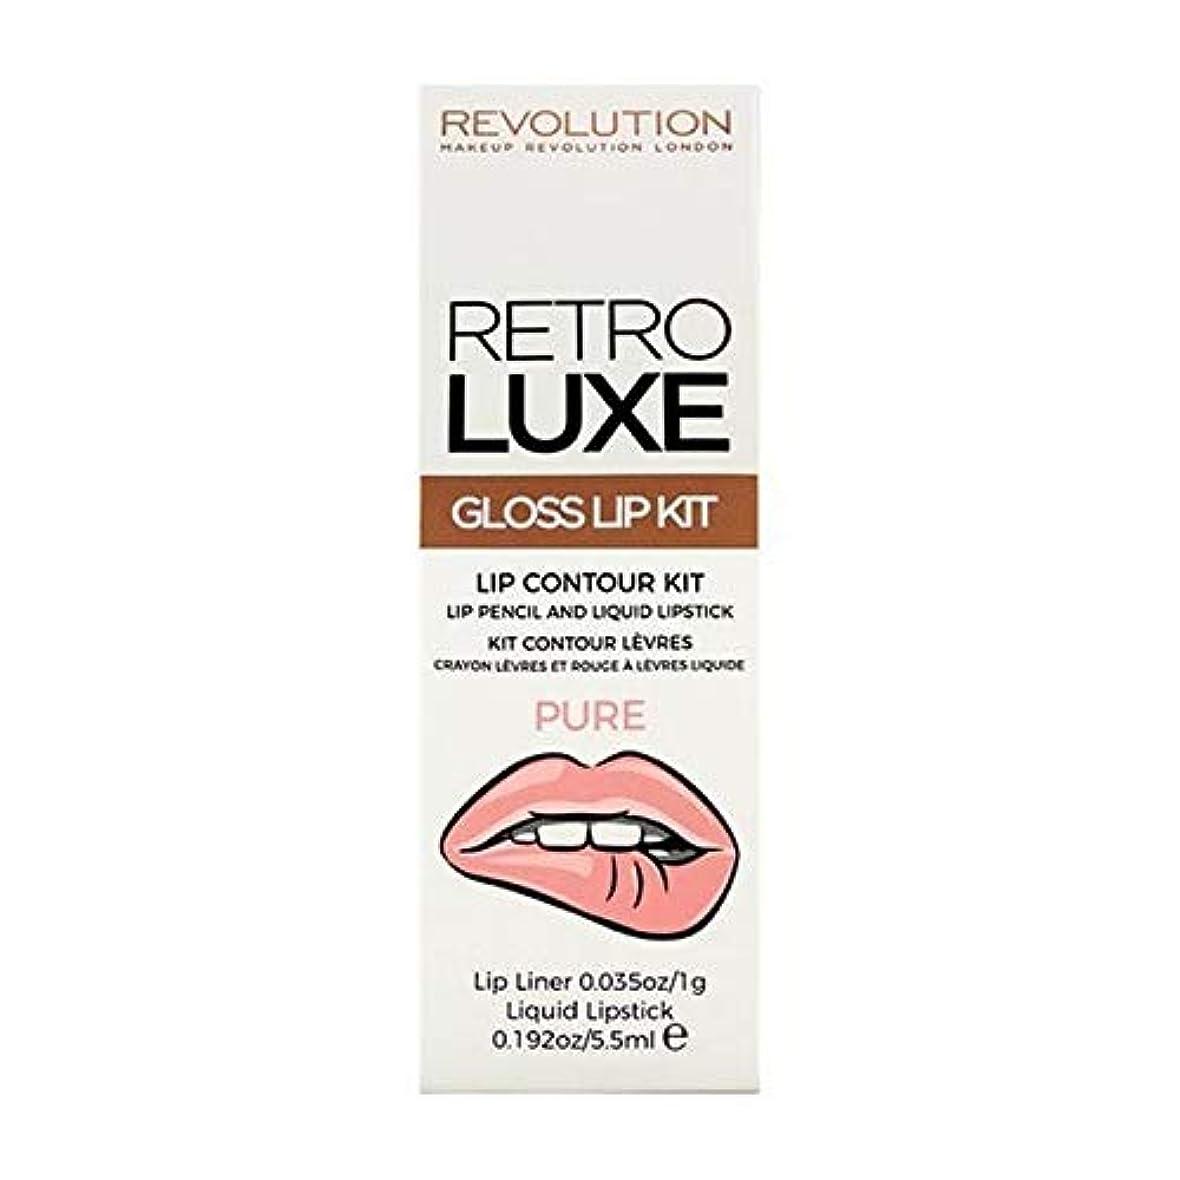 付属品正当な観客[Revolution ] 革命のレトロラックスキットは、純粋な光沢 - Revolution Retro Luxe Kits Gloss Pure [並行輸入品]